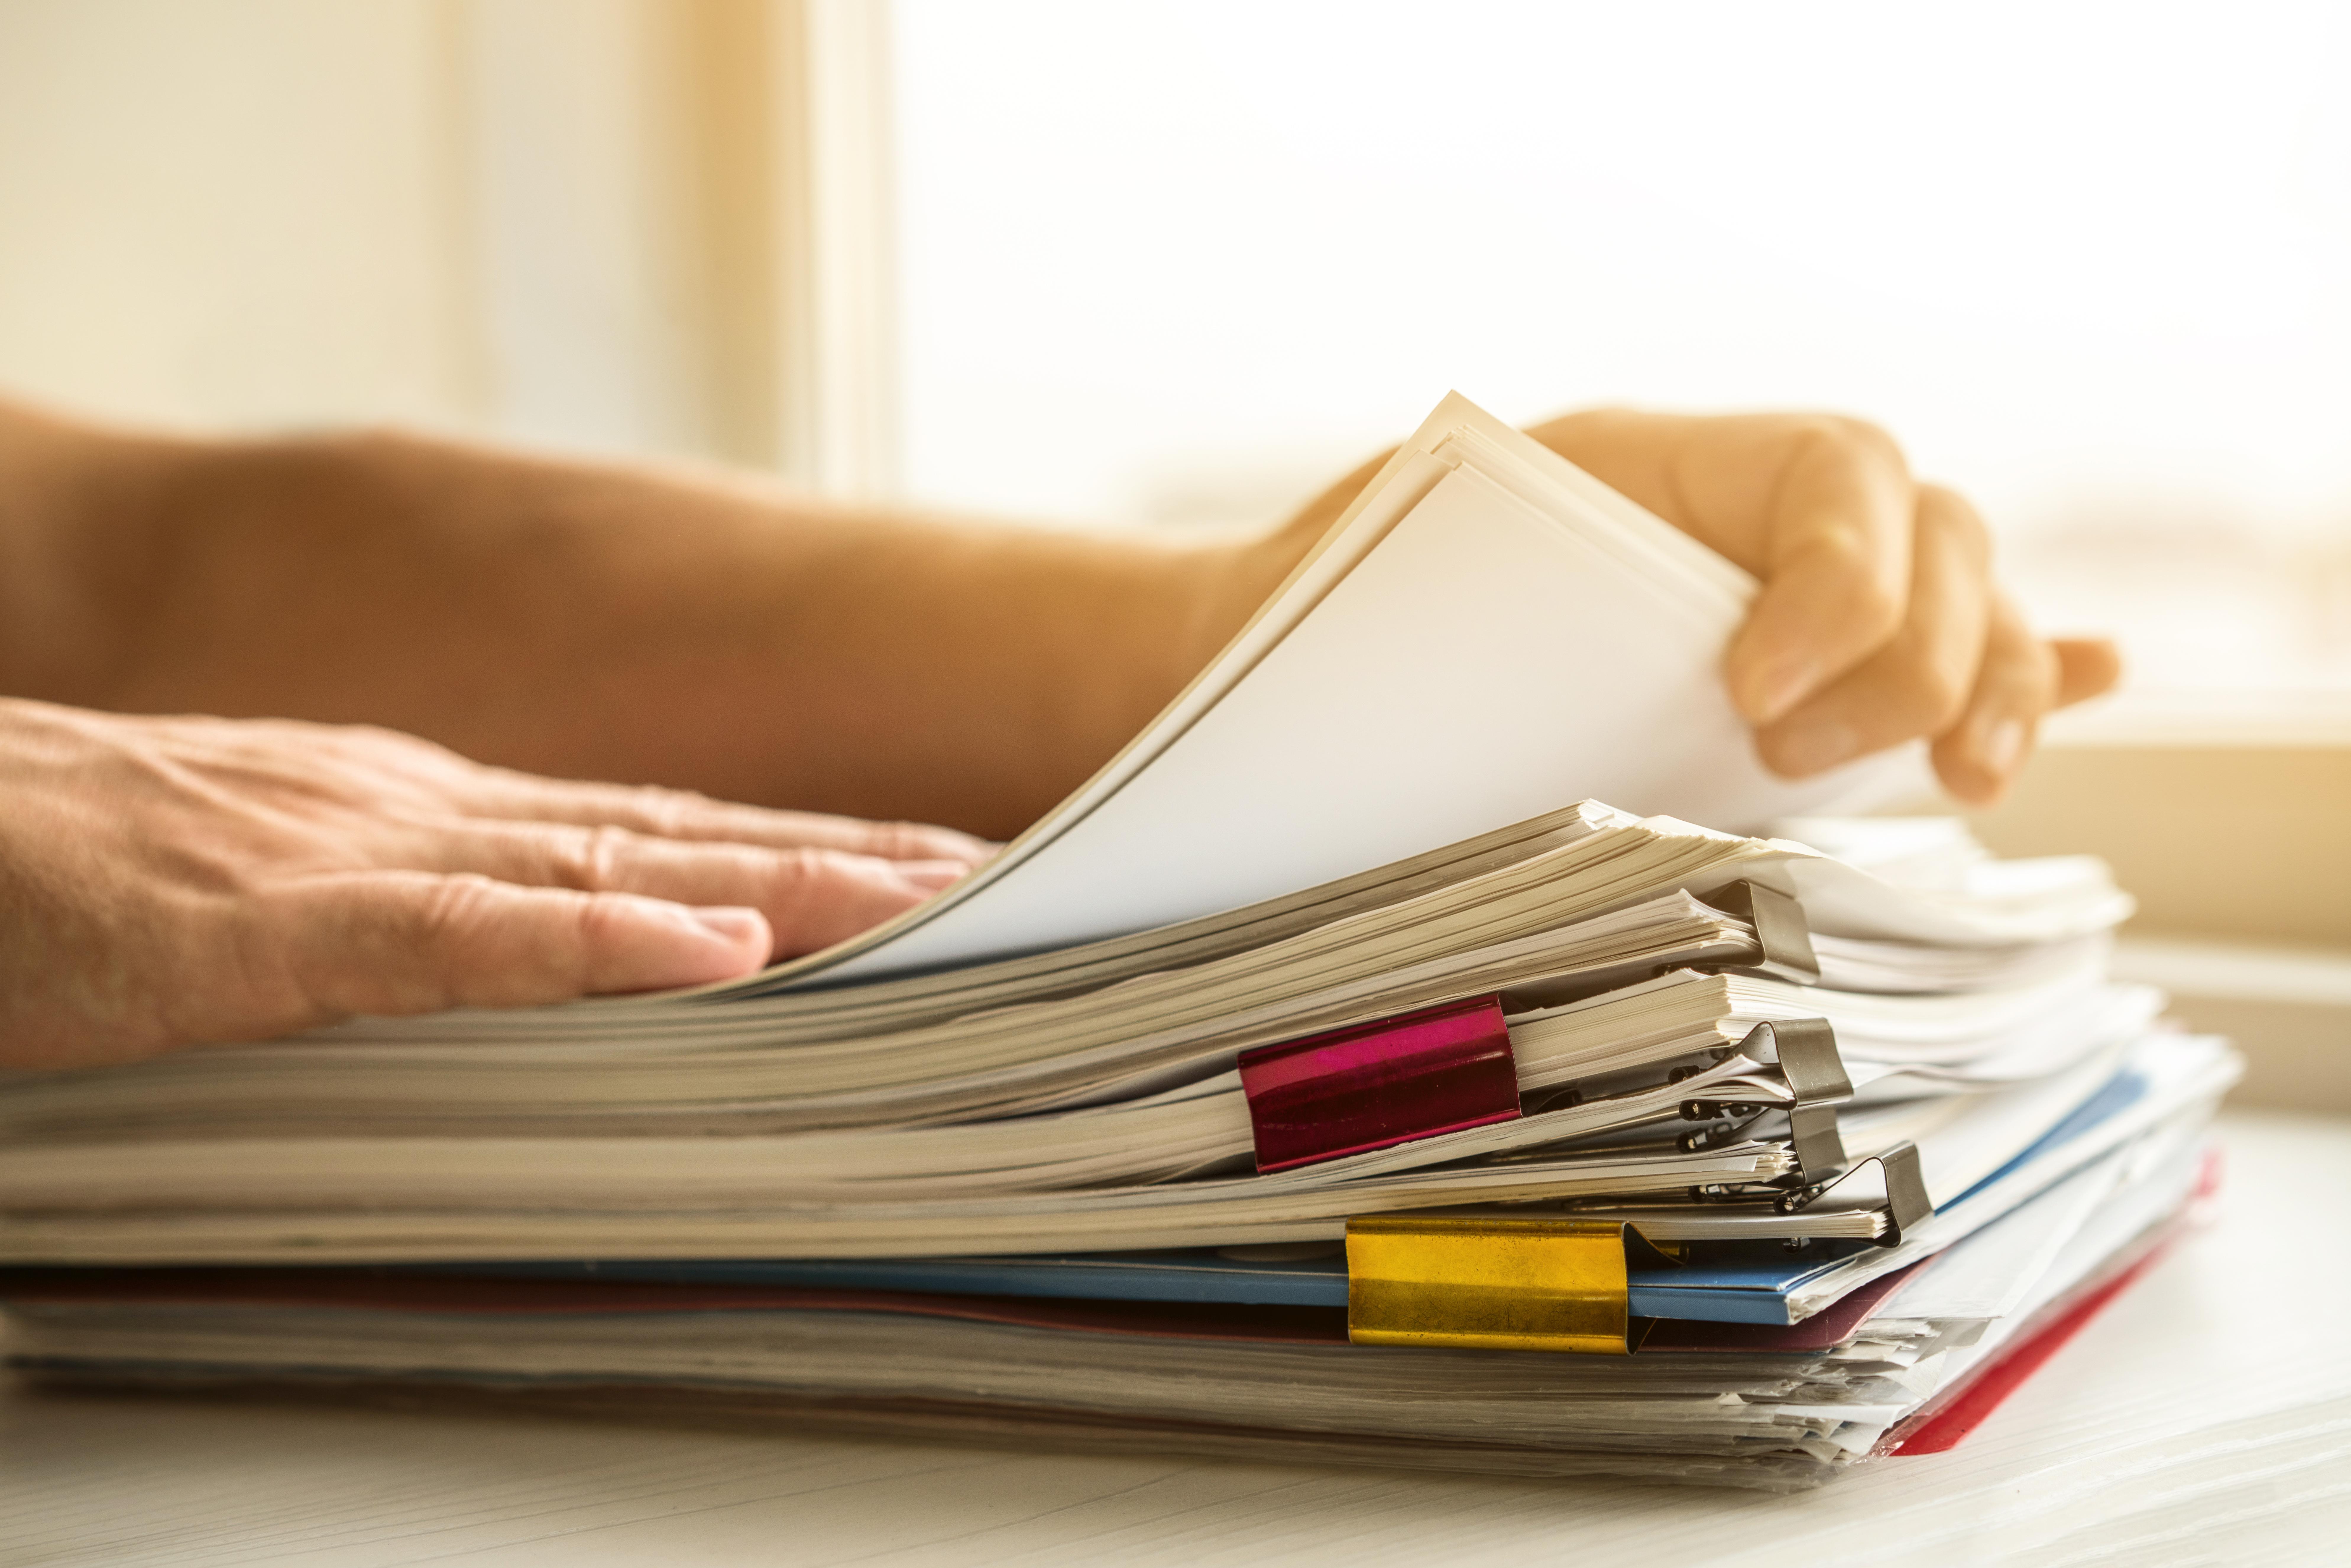 CND Trabalhista — O Que é e Como Tirar Essa Certidão Negativa de Débitos?